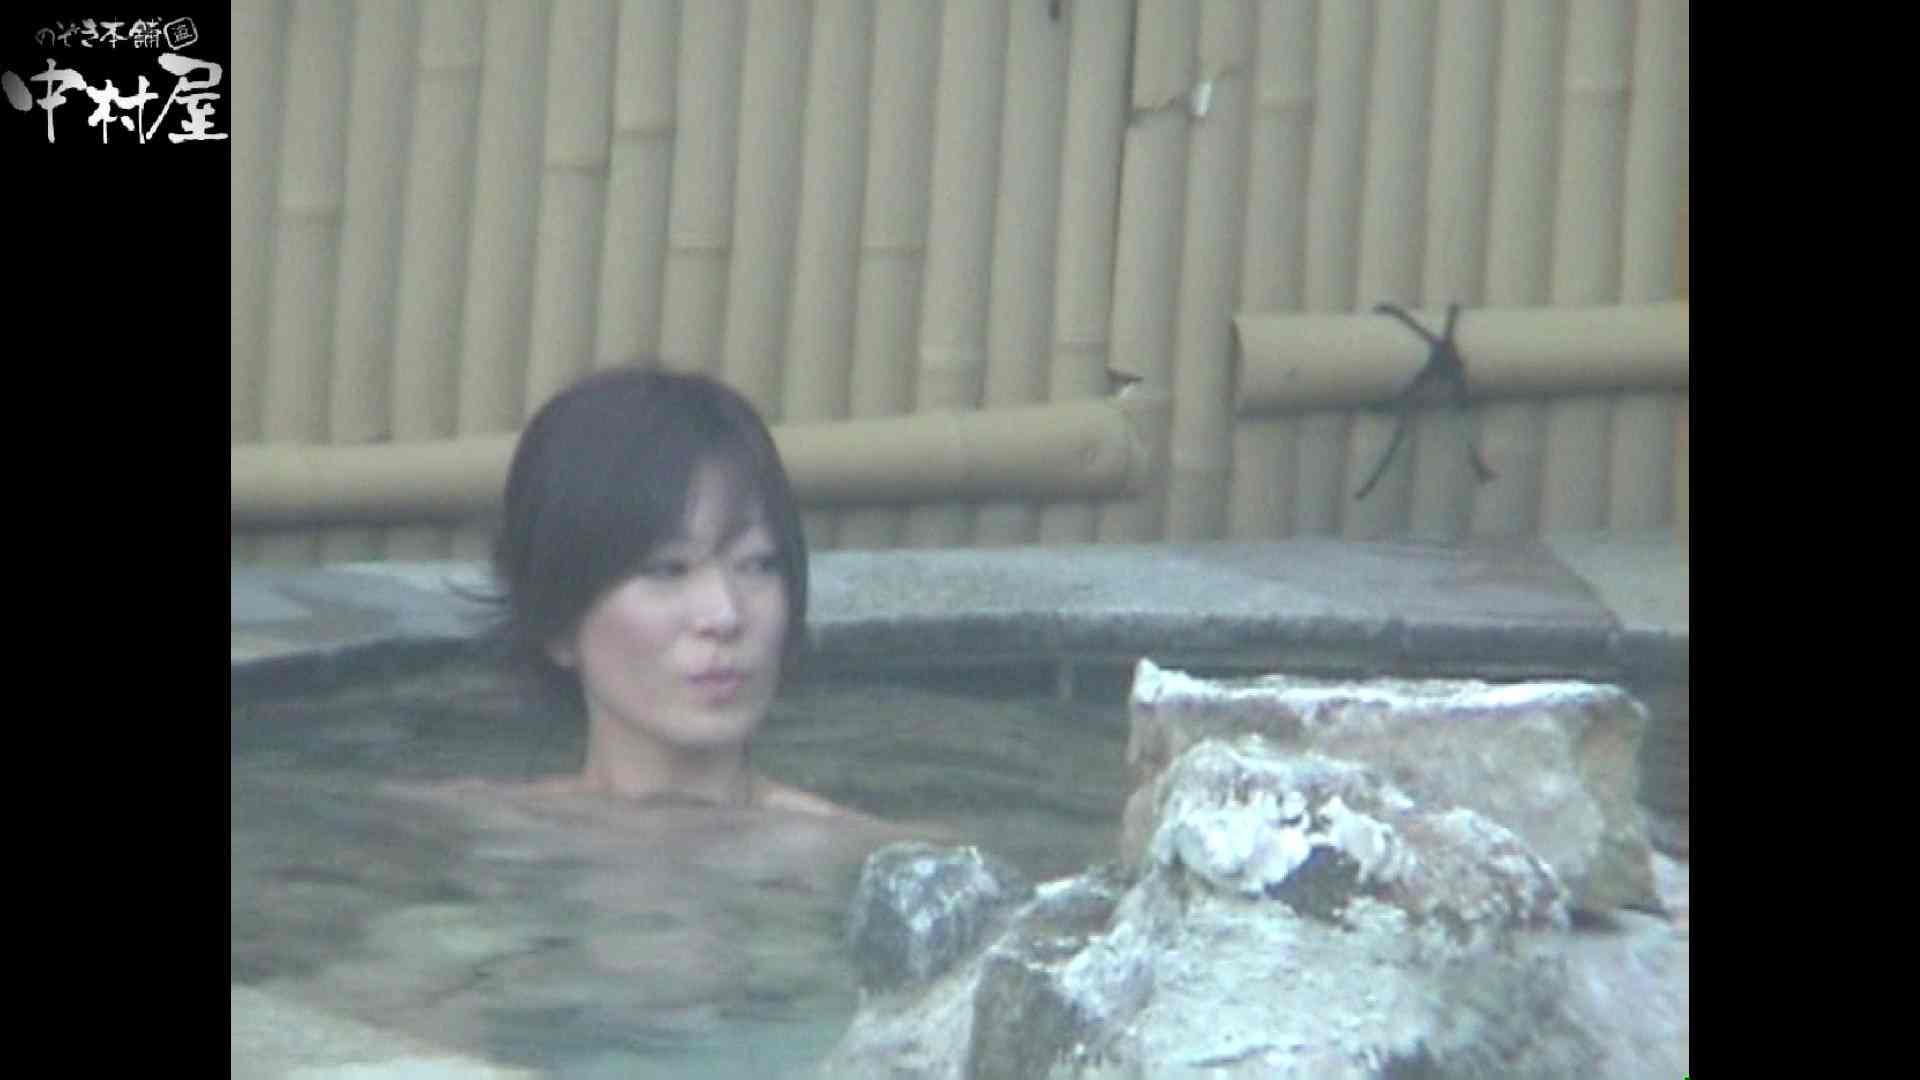 Aquaな露天風呂Vol.972 OLのエロ生活   盗撮  105連発 40